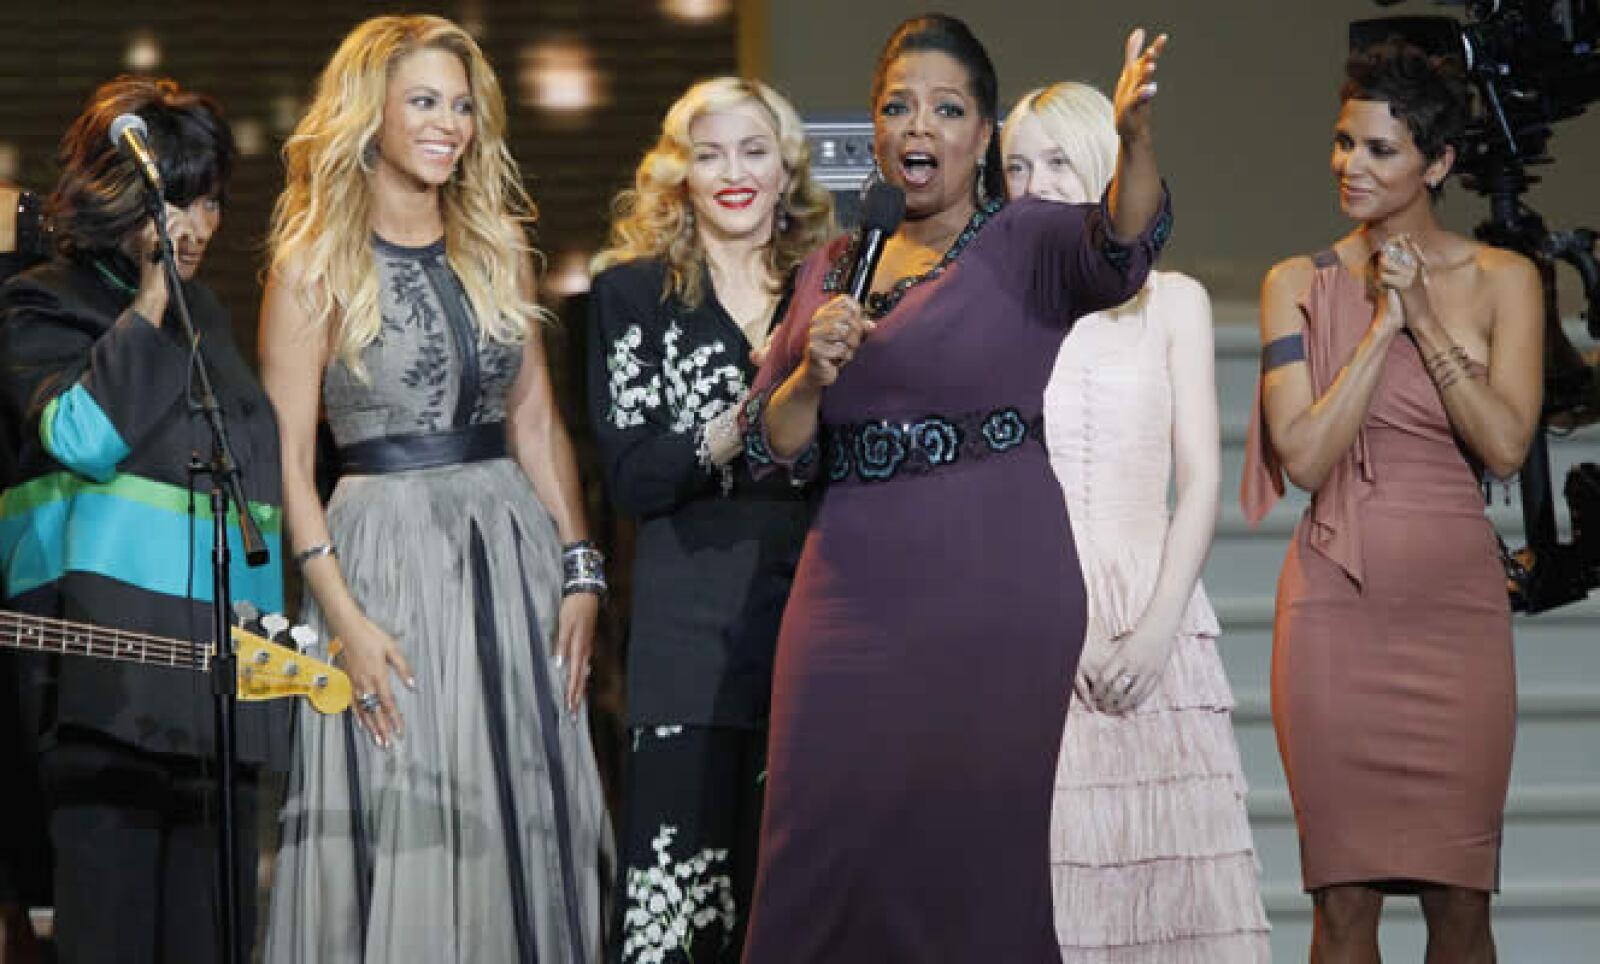 En la foto vemos a Patti LaBelle, Beyoncé, Madonna, Dakota Fanning y Hale Berry. Juntas han logrado más de 430 millones de copias de discos vendidos y apariciones en más de 70 películas.